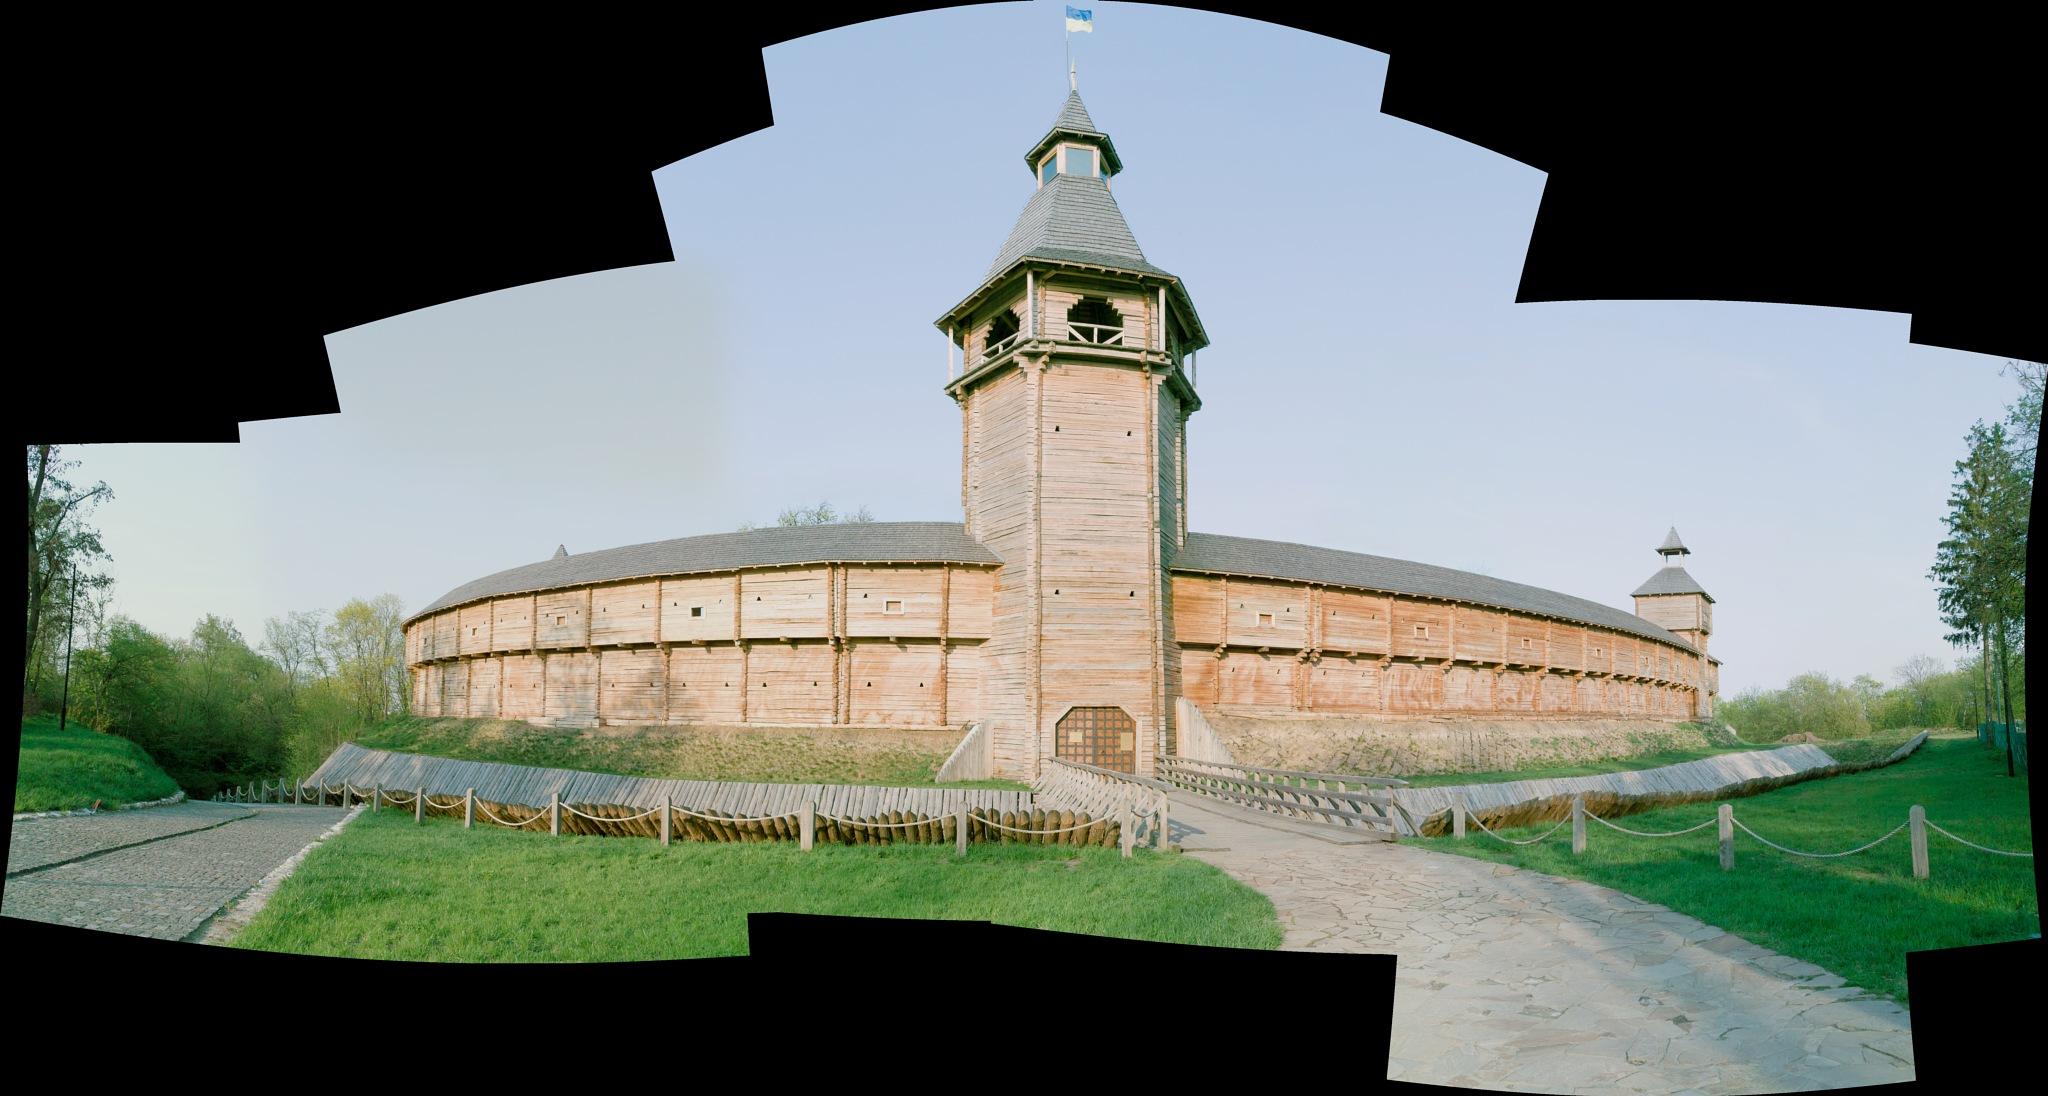 Panorama of cossack fortress, Baturyn by DimaShevchuk